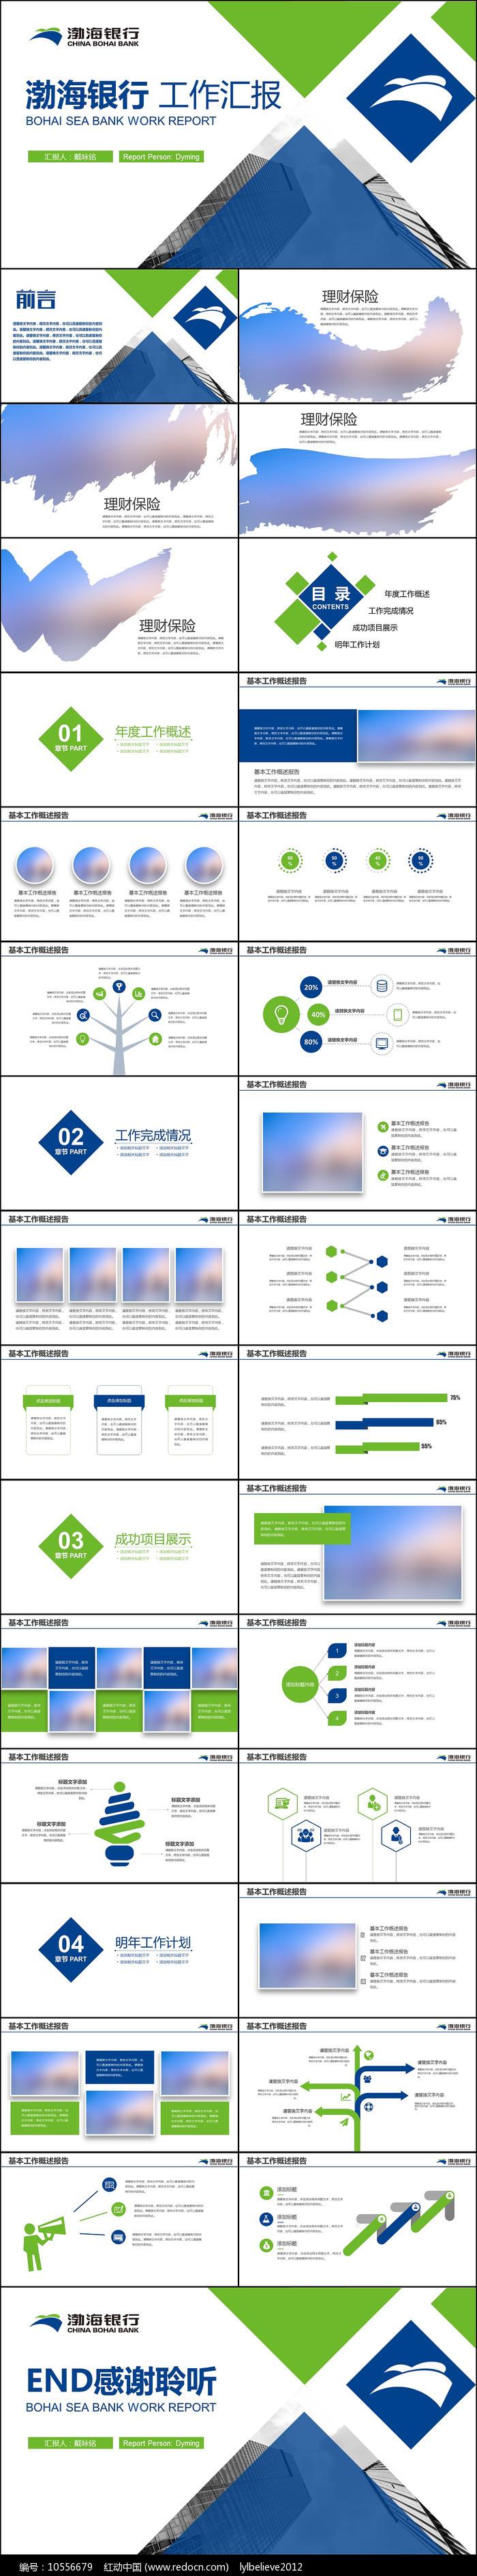 蓝绿色渤海银行总结汇报ppt模板图片